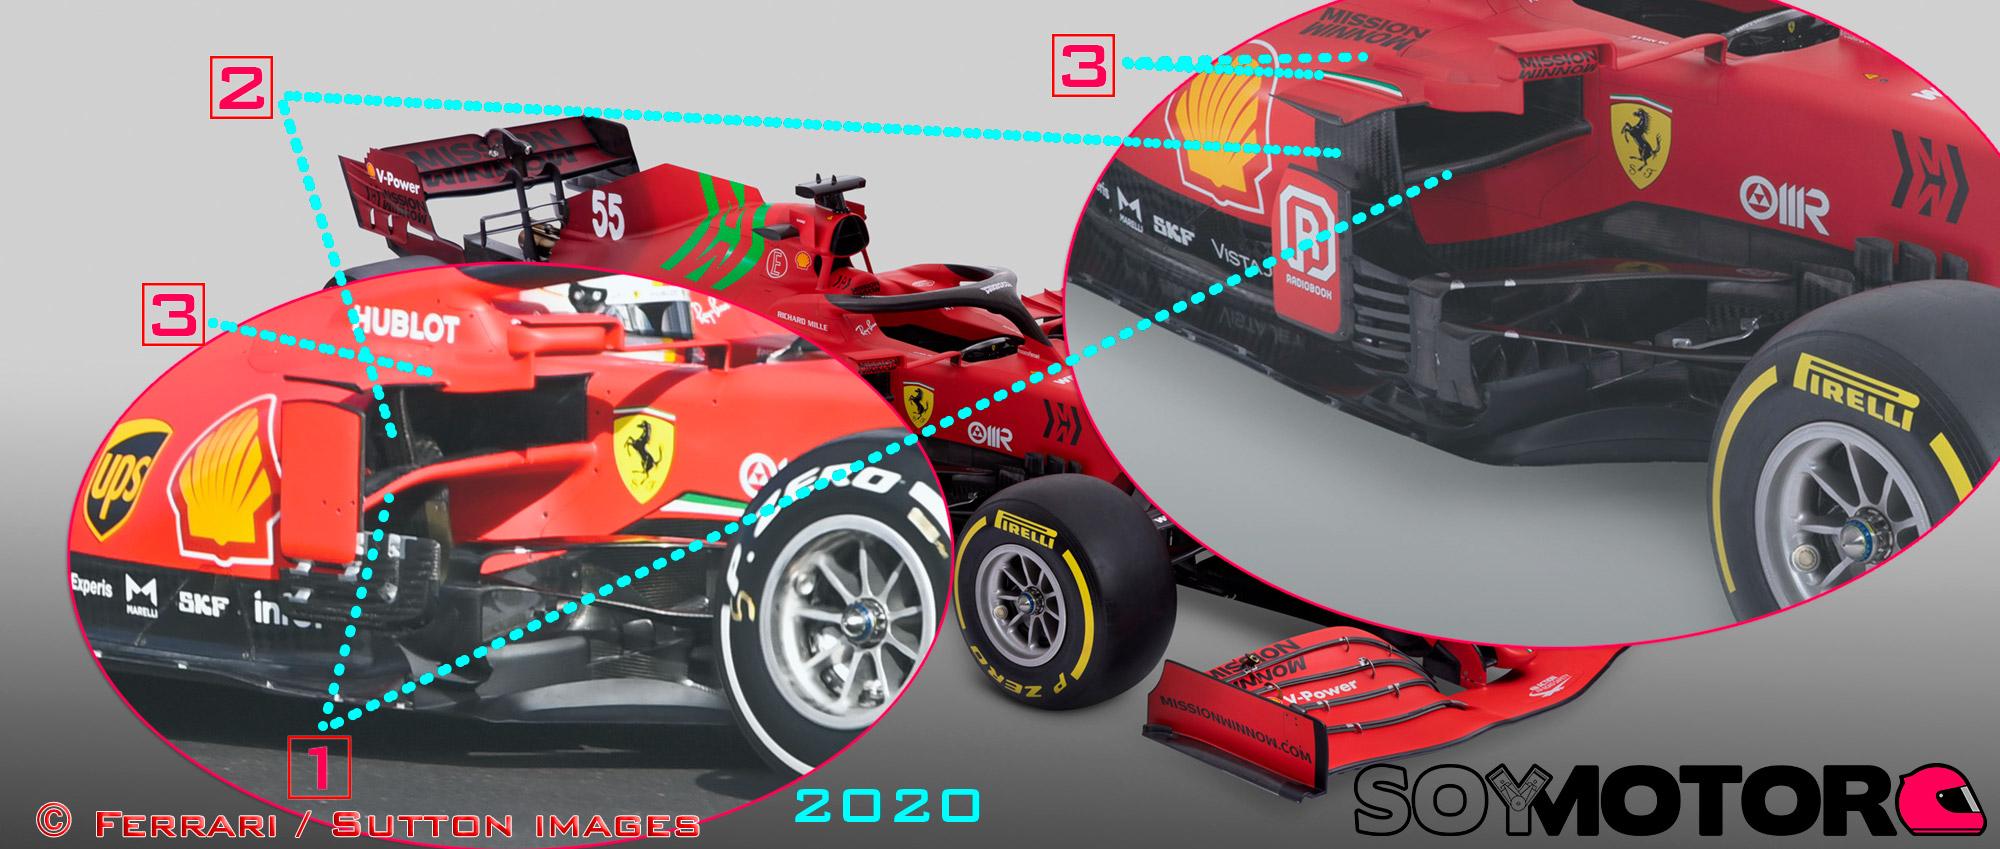 ferrari-sf21-bargeboard-tres-cuartos-soymotor.jpg